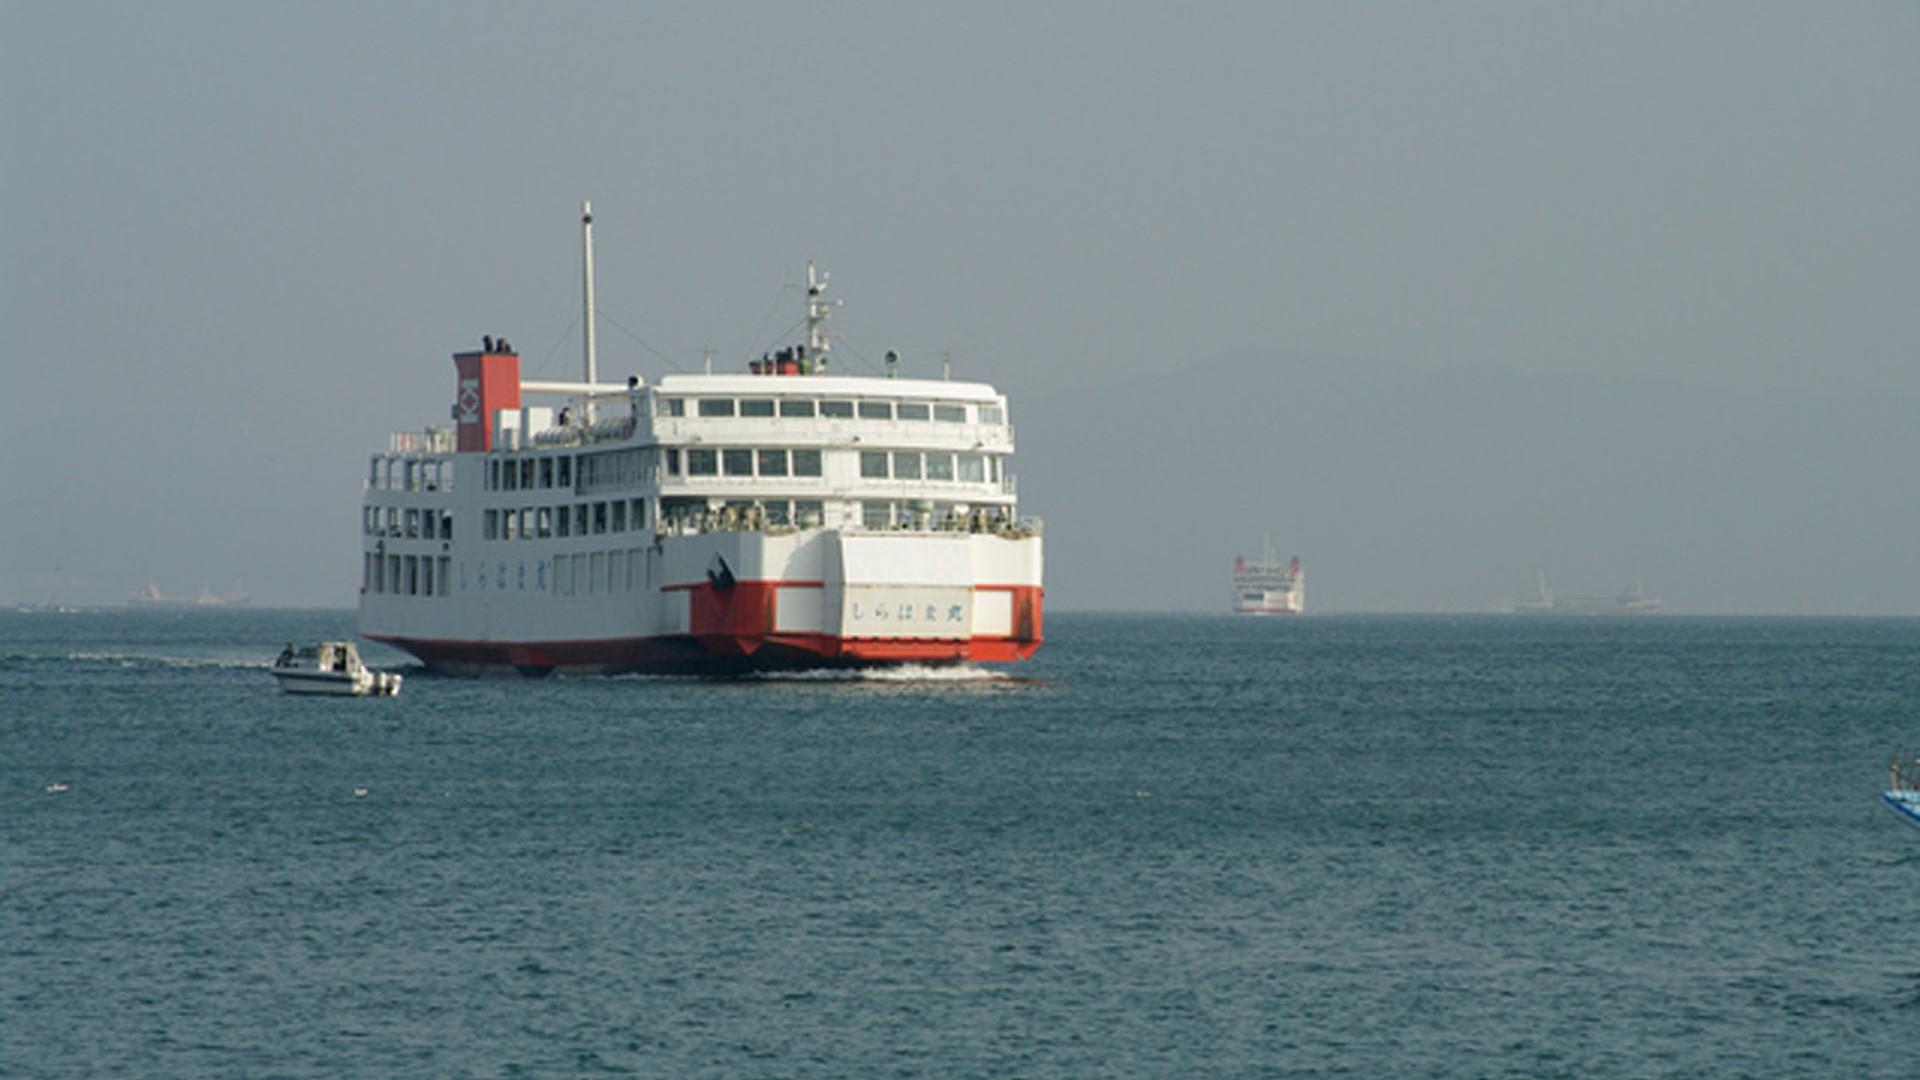 Le port des Ferry de la baie de Tokyo